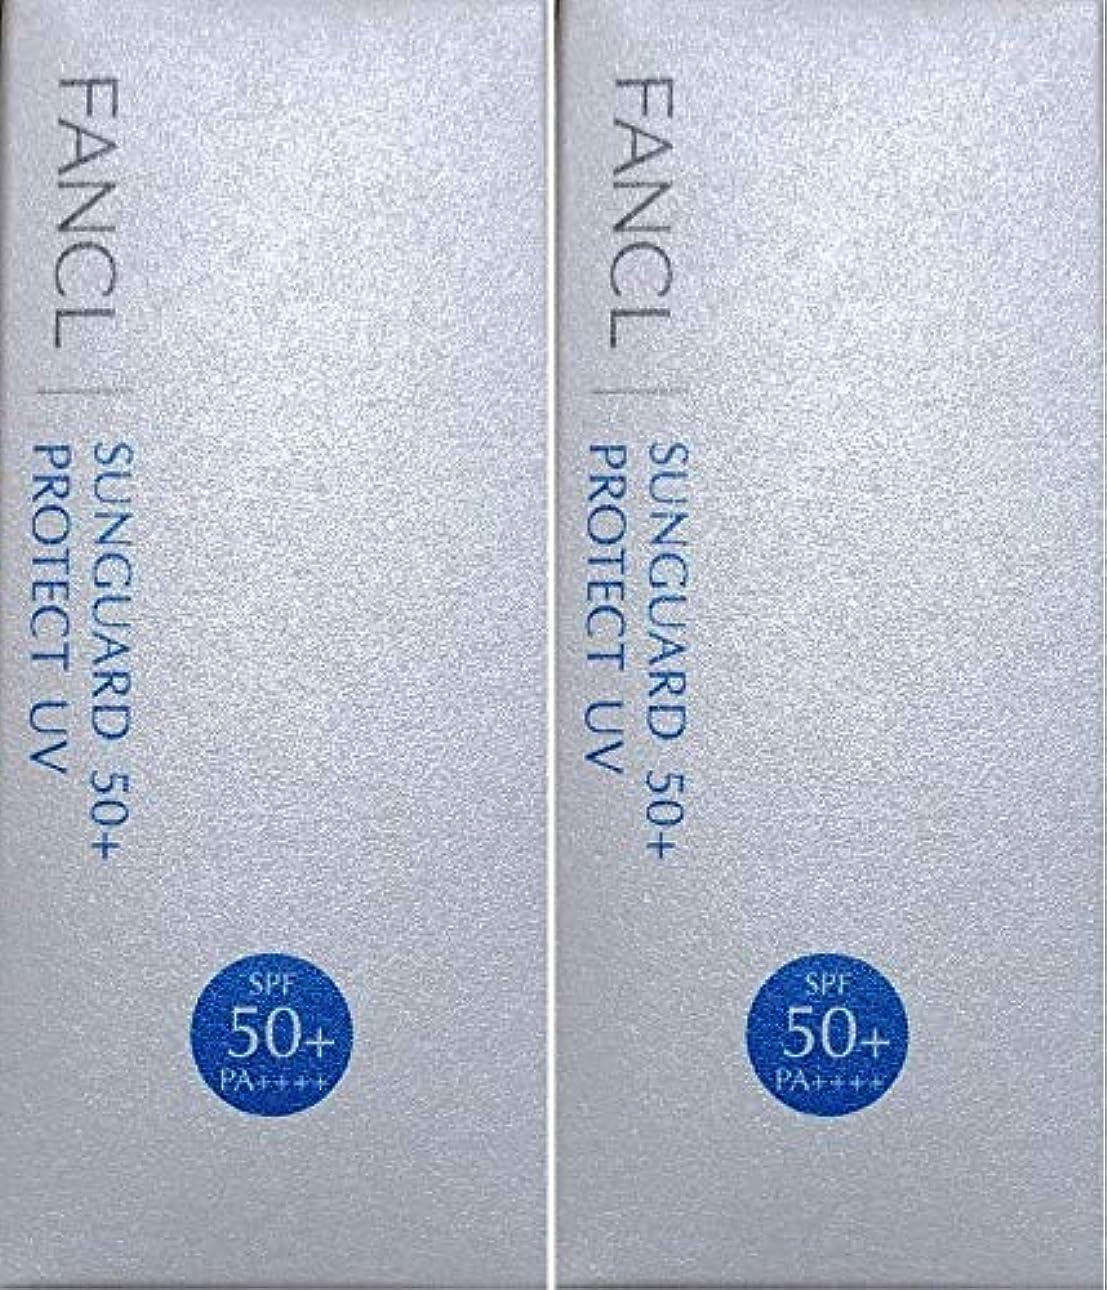 下品乳剤競うファンケル(FANCL) サンガード50+ プロテクトUV (SPF50+?PA++++)60mL ×2箱セット